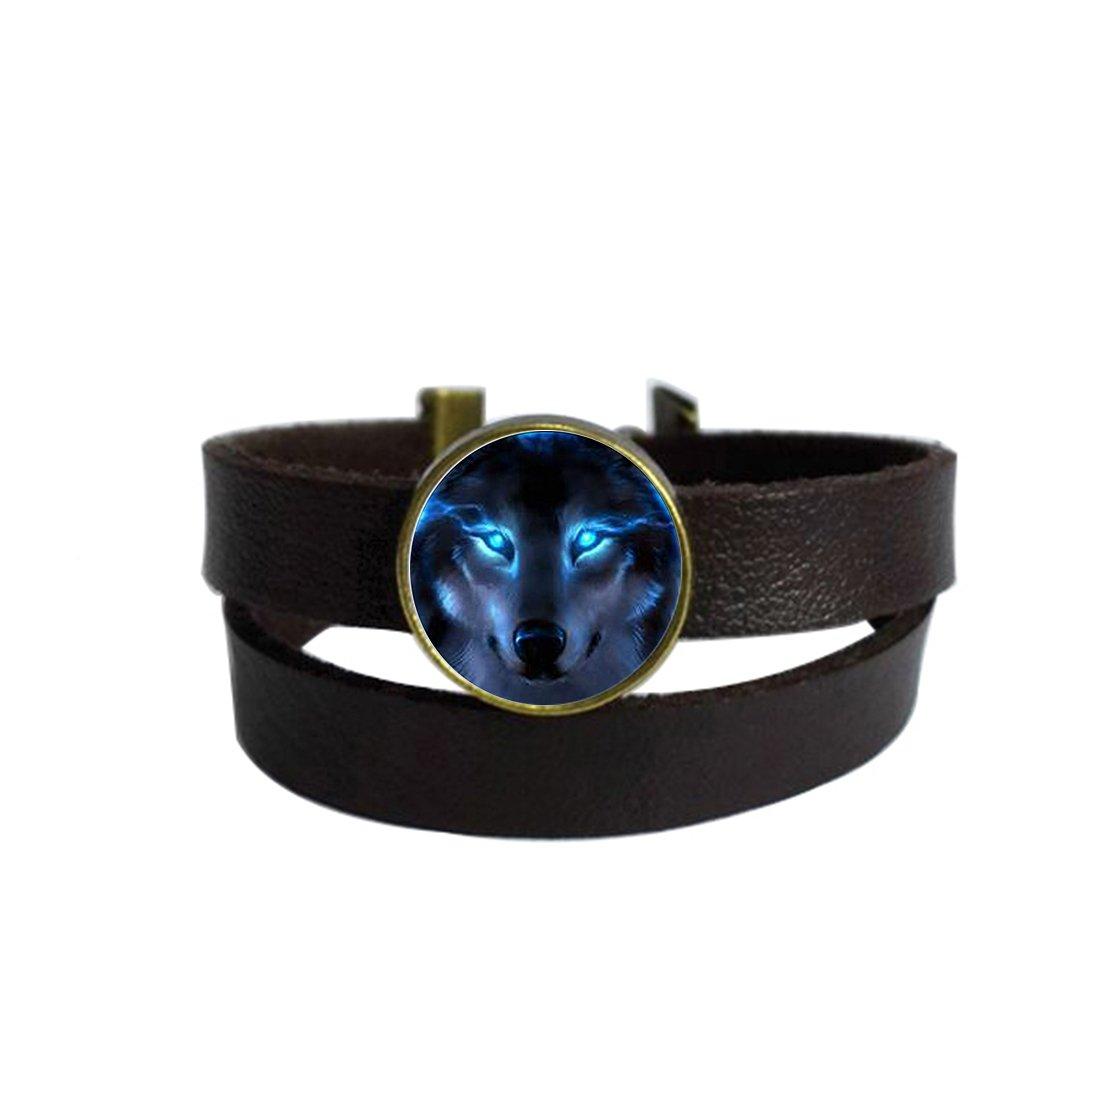 LooPoP Vintage Punk Dark Brown Leather Bracelet Nordic Wiccan Wolf Belt Wrap Cuff Bangle Adjustable by LooPoP (Image #1)